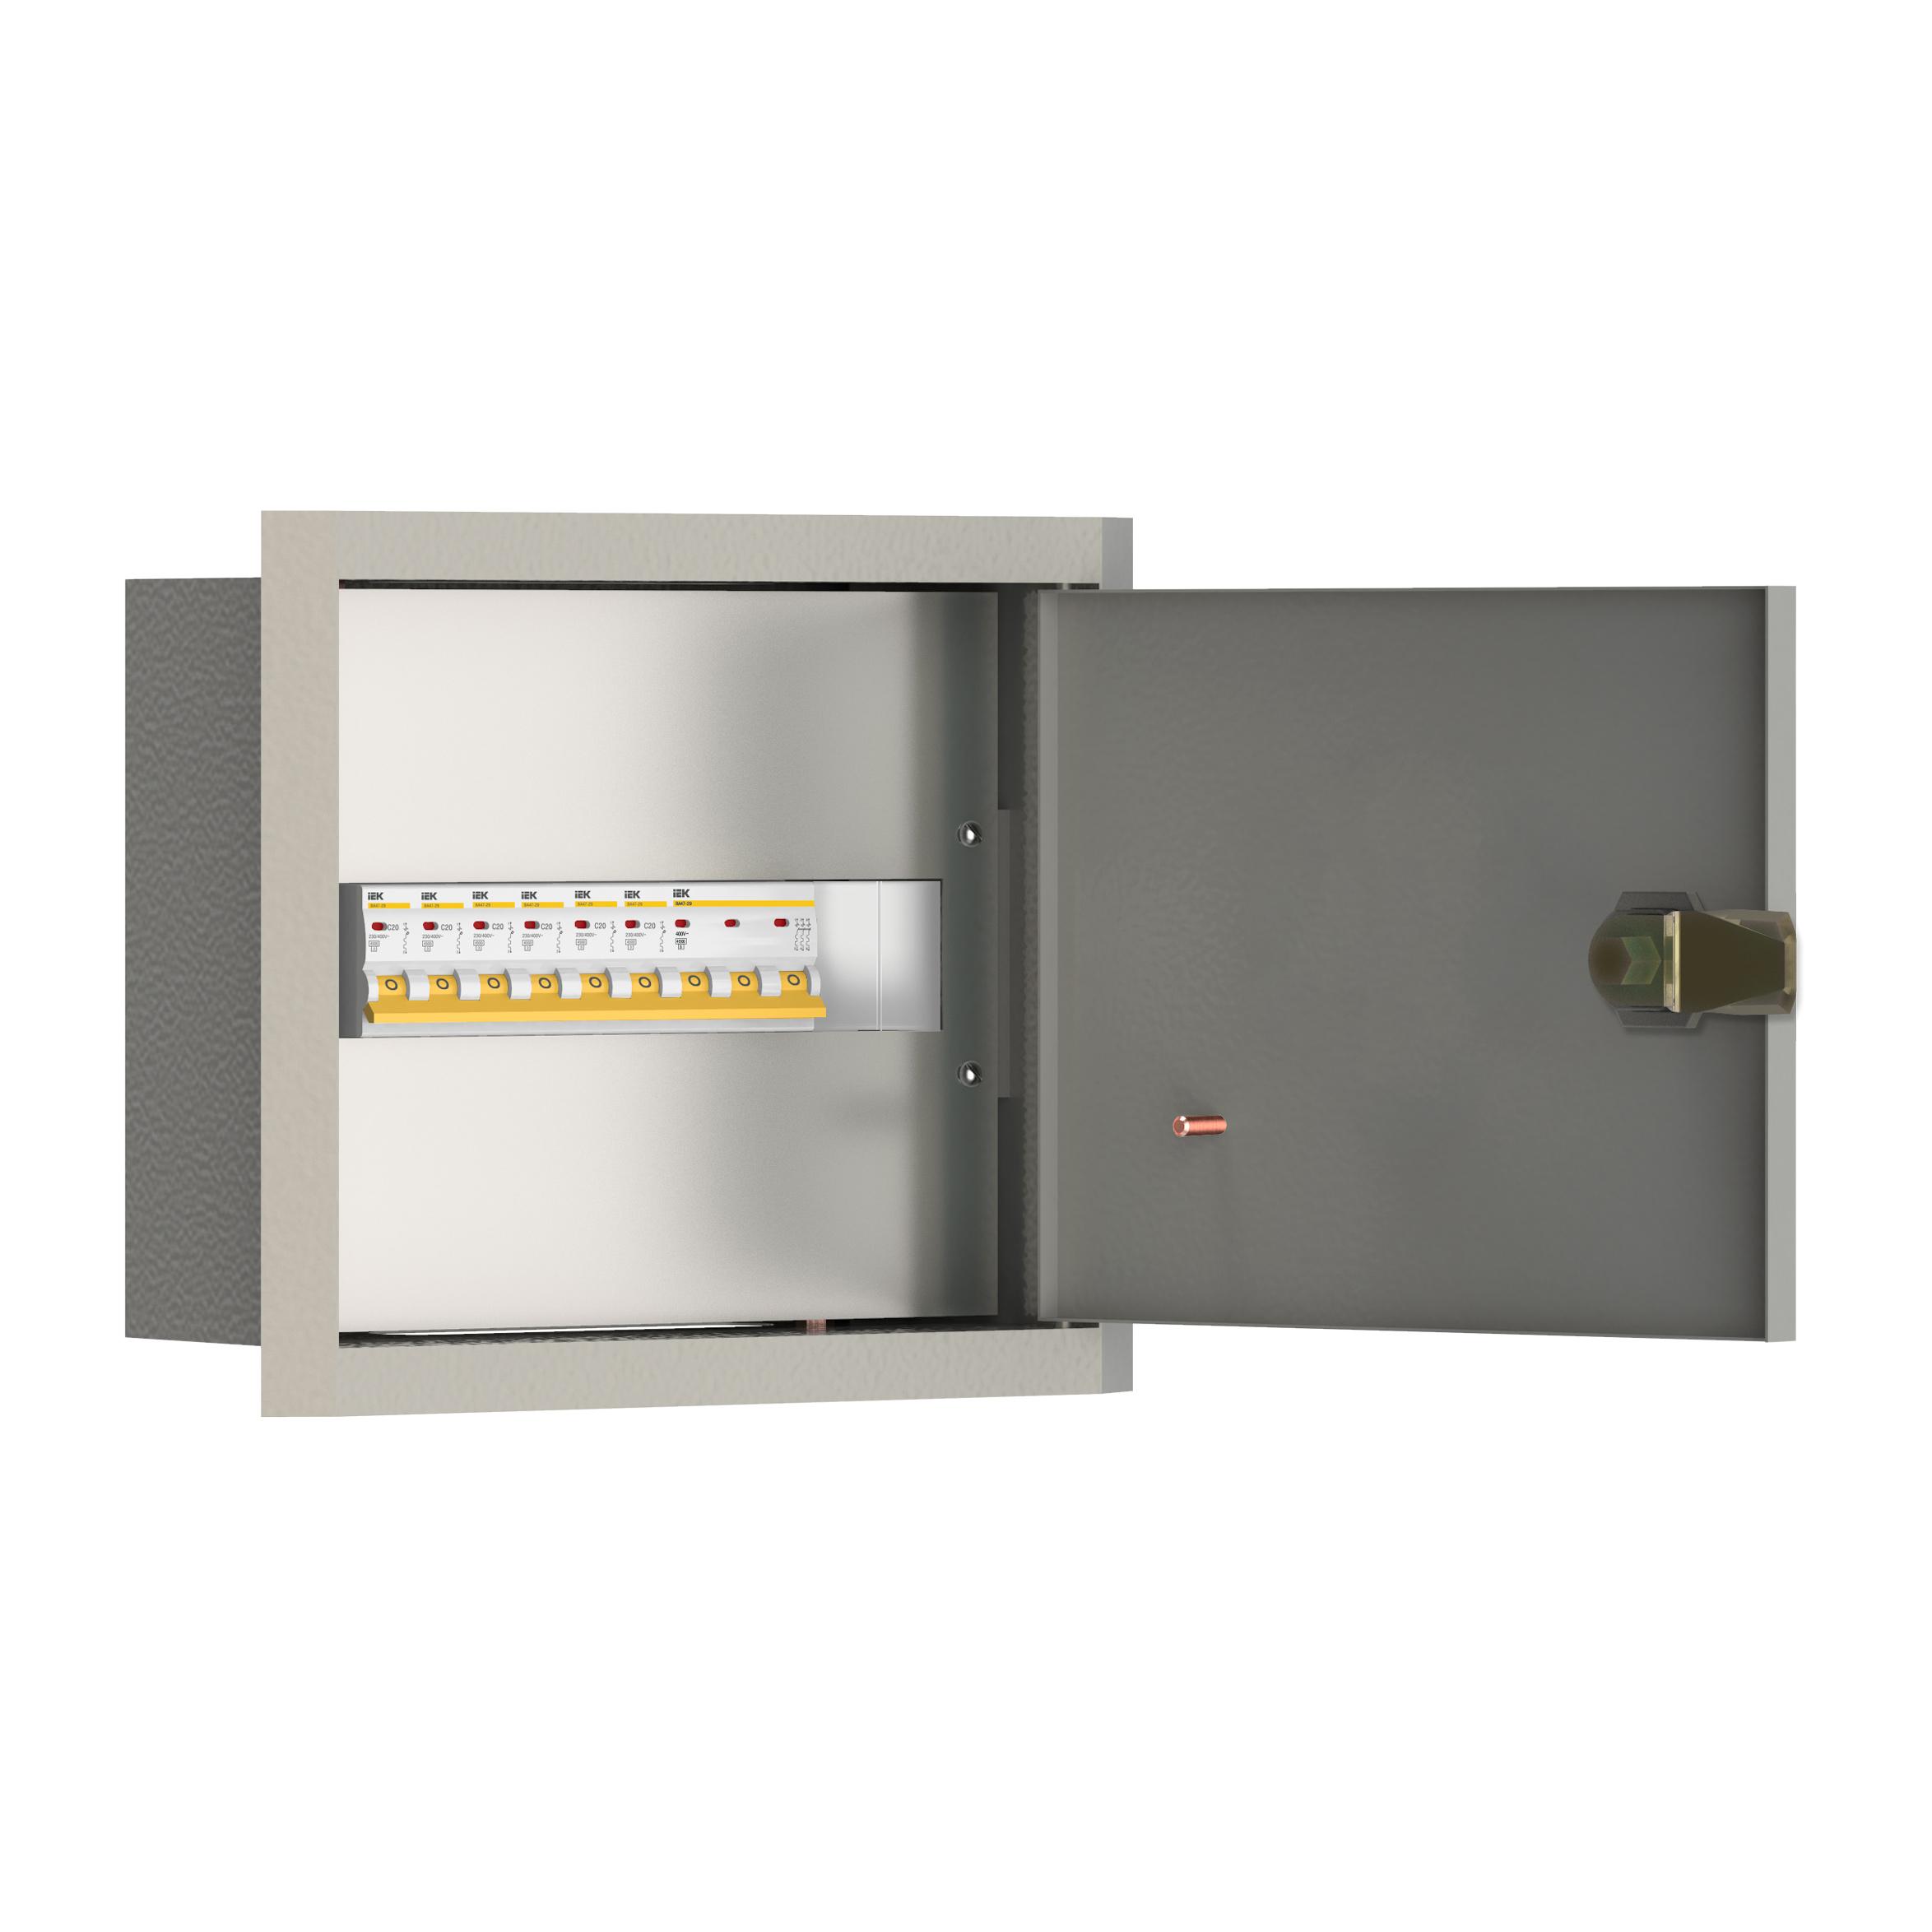 Щиток осветительный УОЩВ утопленный с автоматическими выключателями 3p 1х100А 1p 12х25А IEK